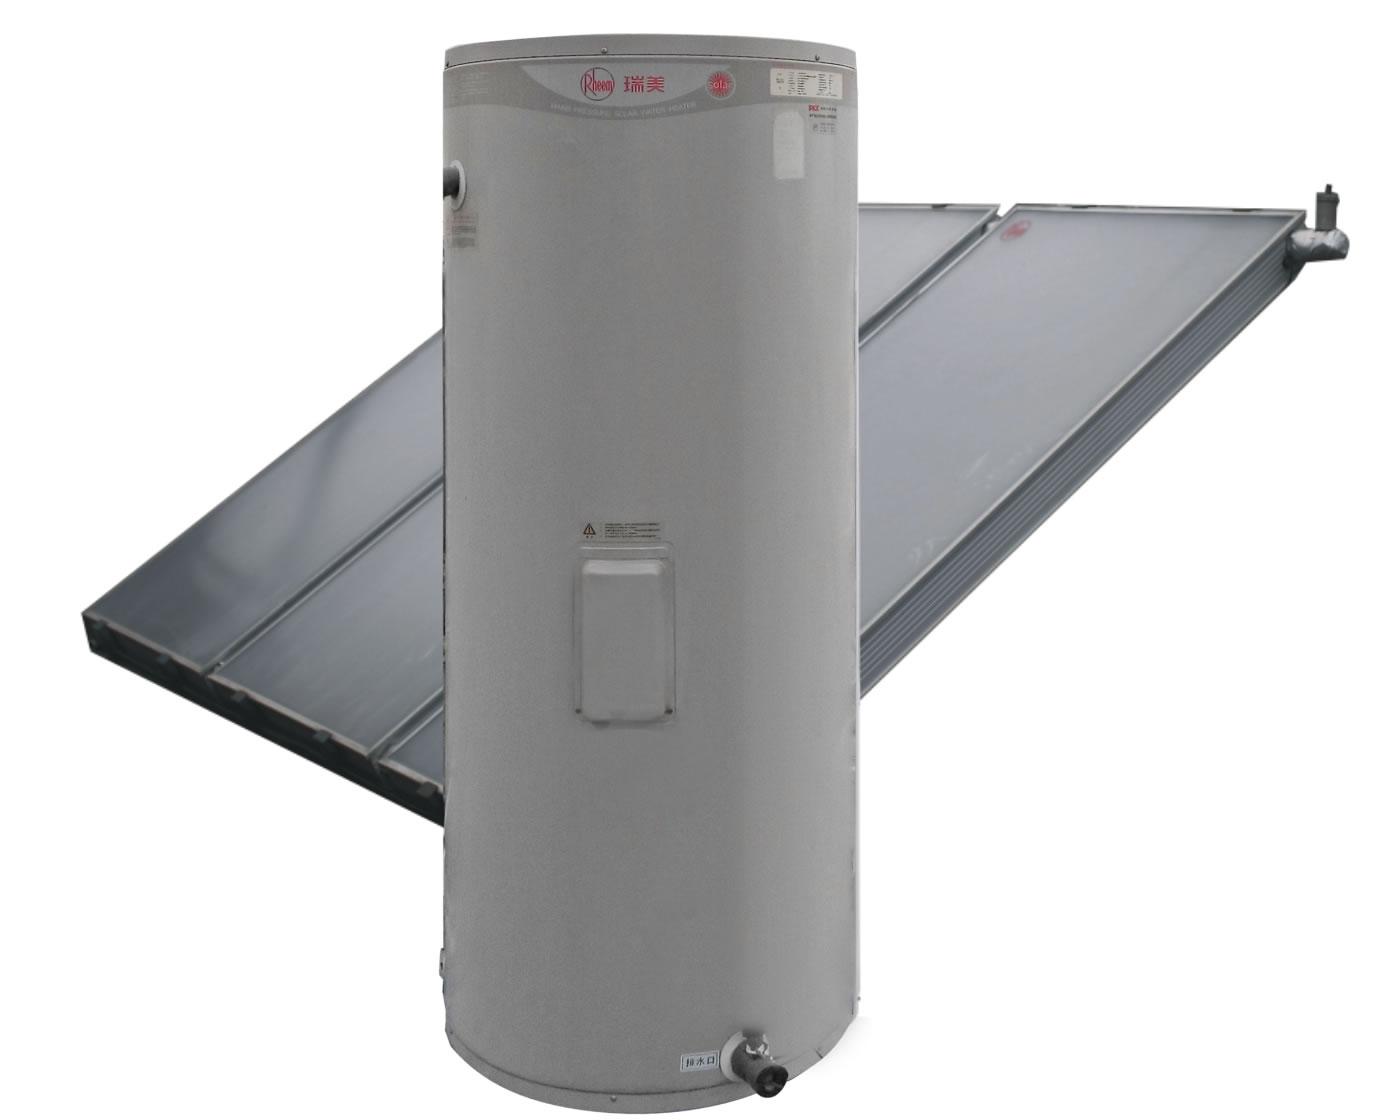 ST1太阳能热水器